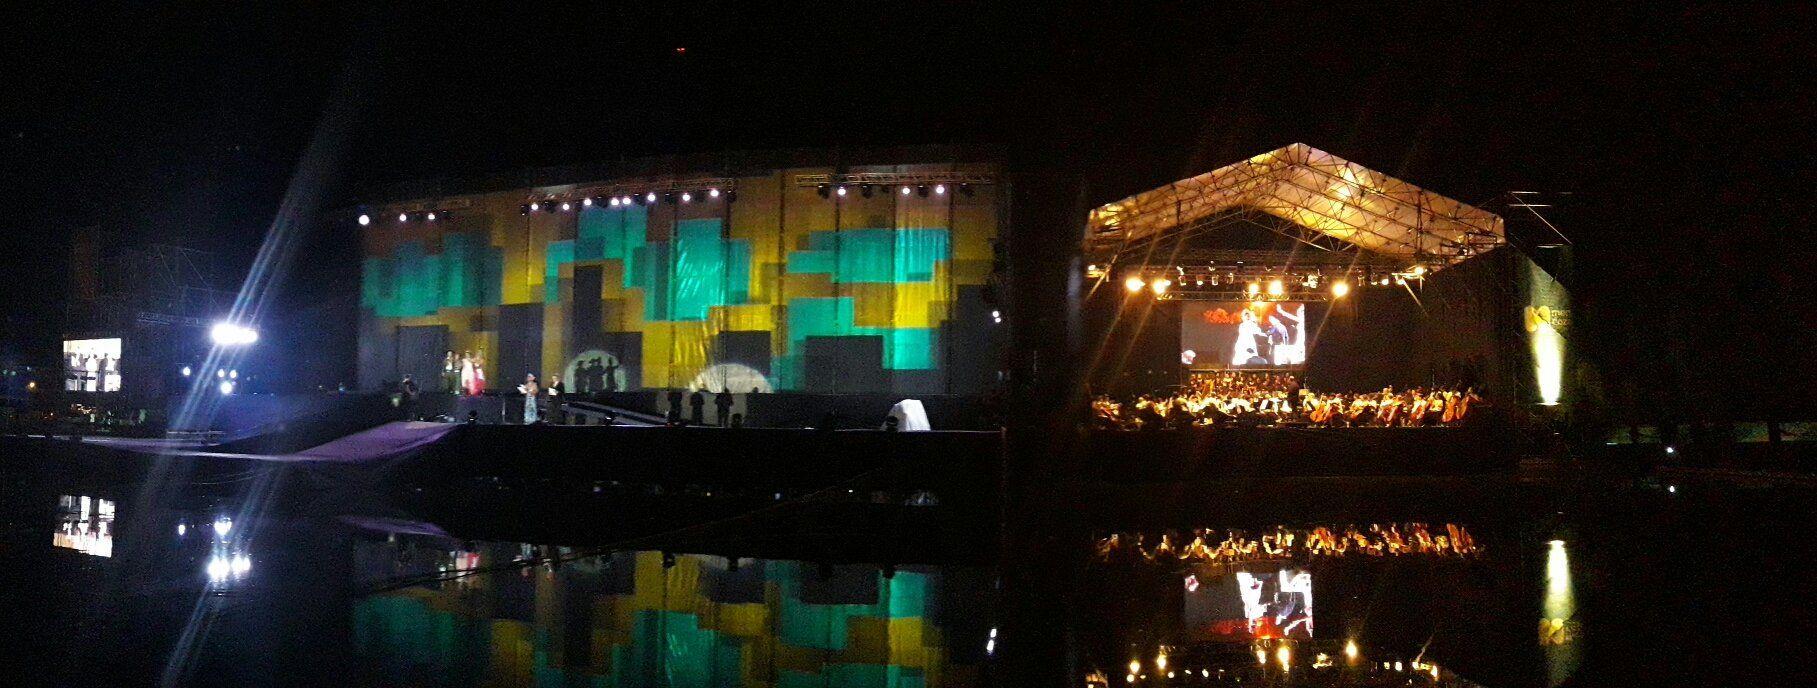 Así lucía el escenario de la Vendimia de la Ciudad de Mendoza antes del temporal